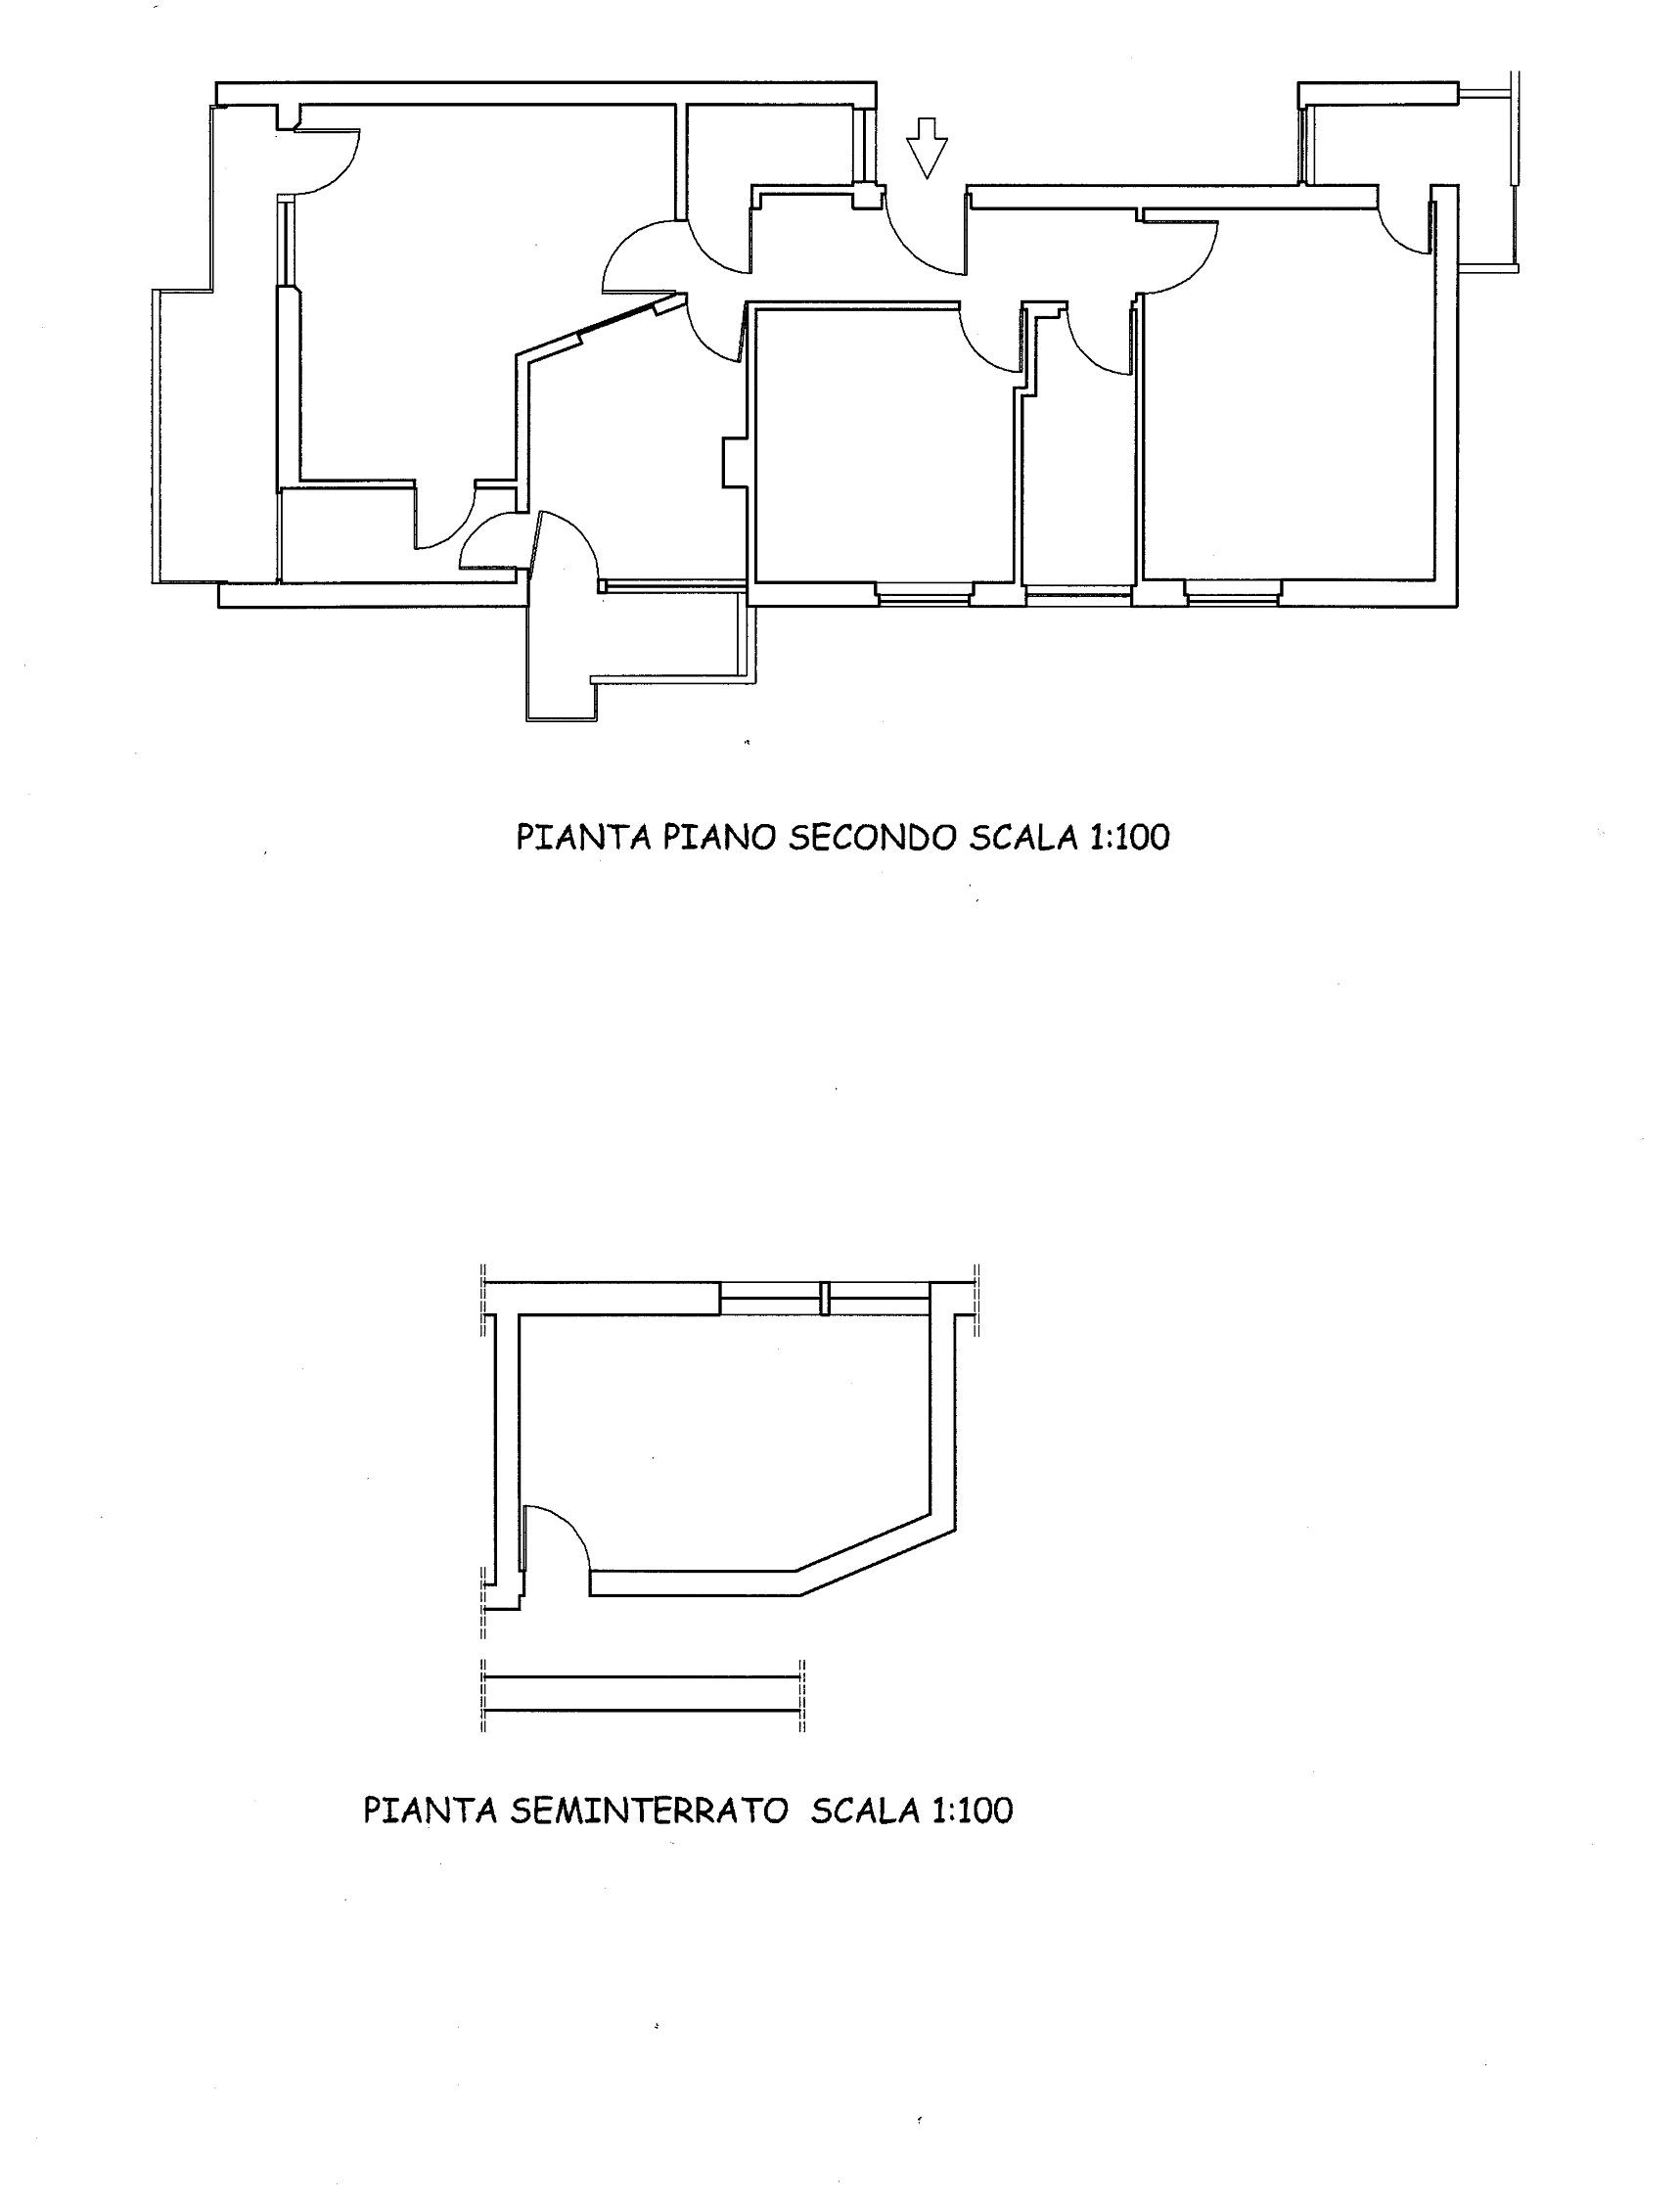 Appartamento in vendita, rif. 02421 (Planimetria 1/1)